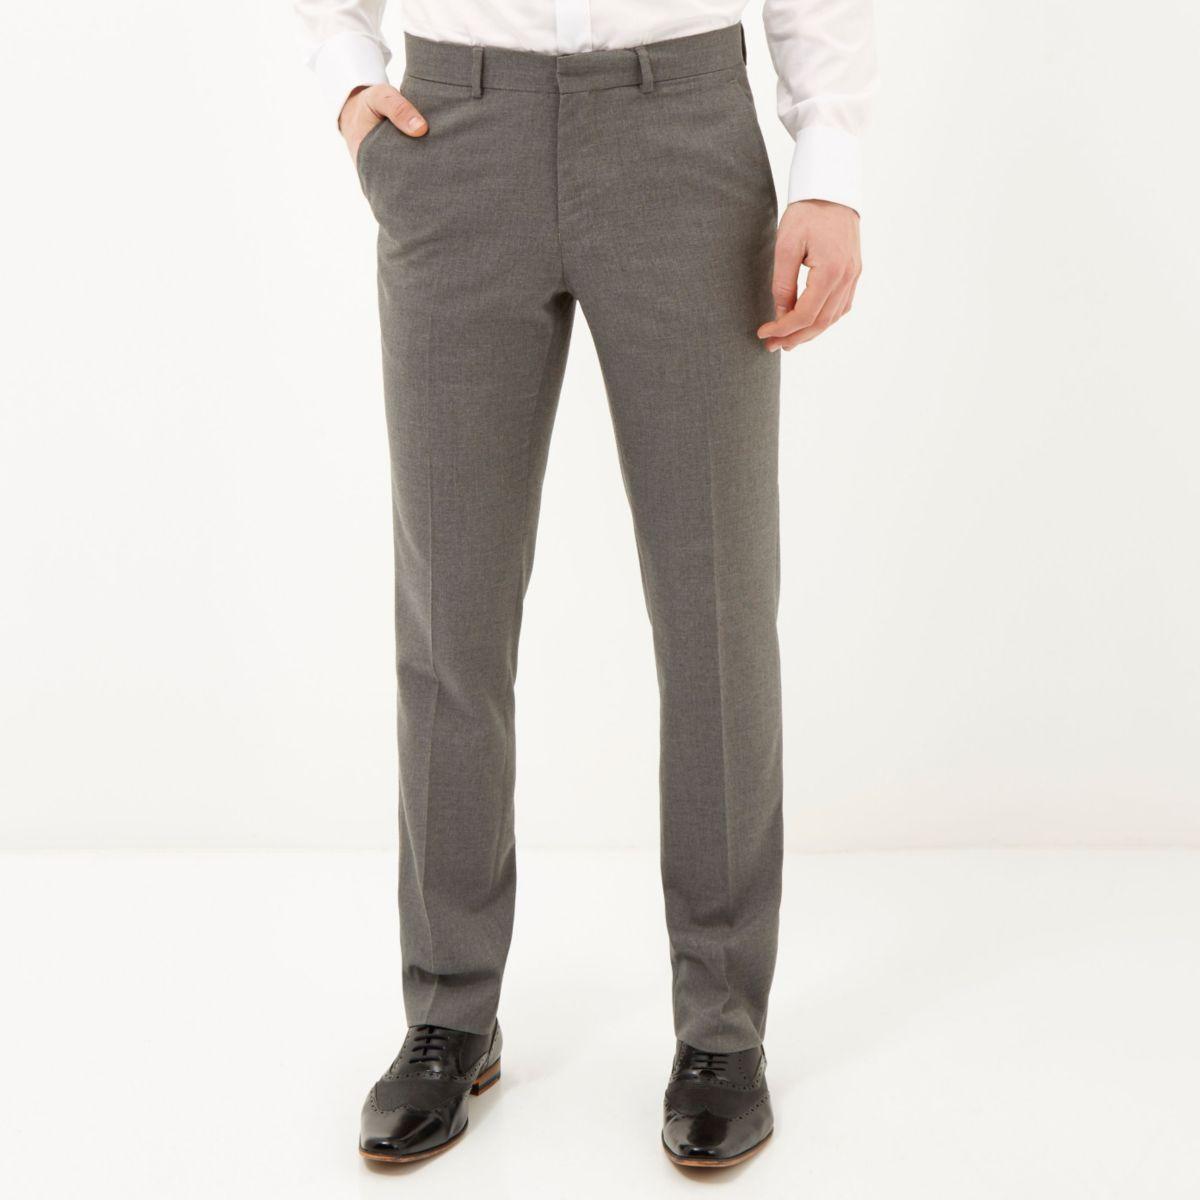 Elegante, schmale Hose in Grau